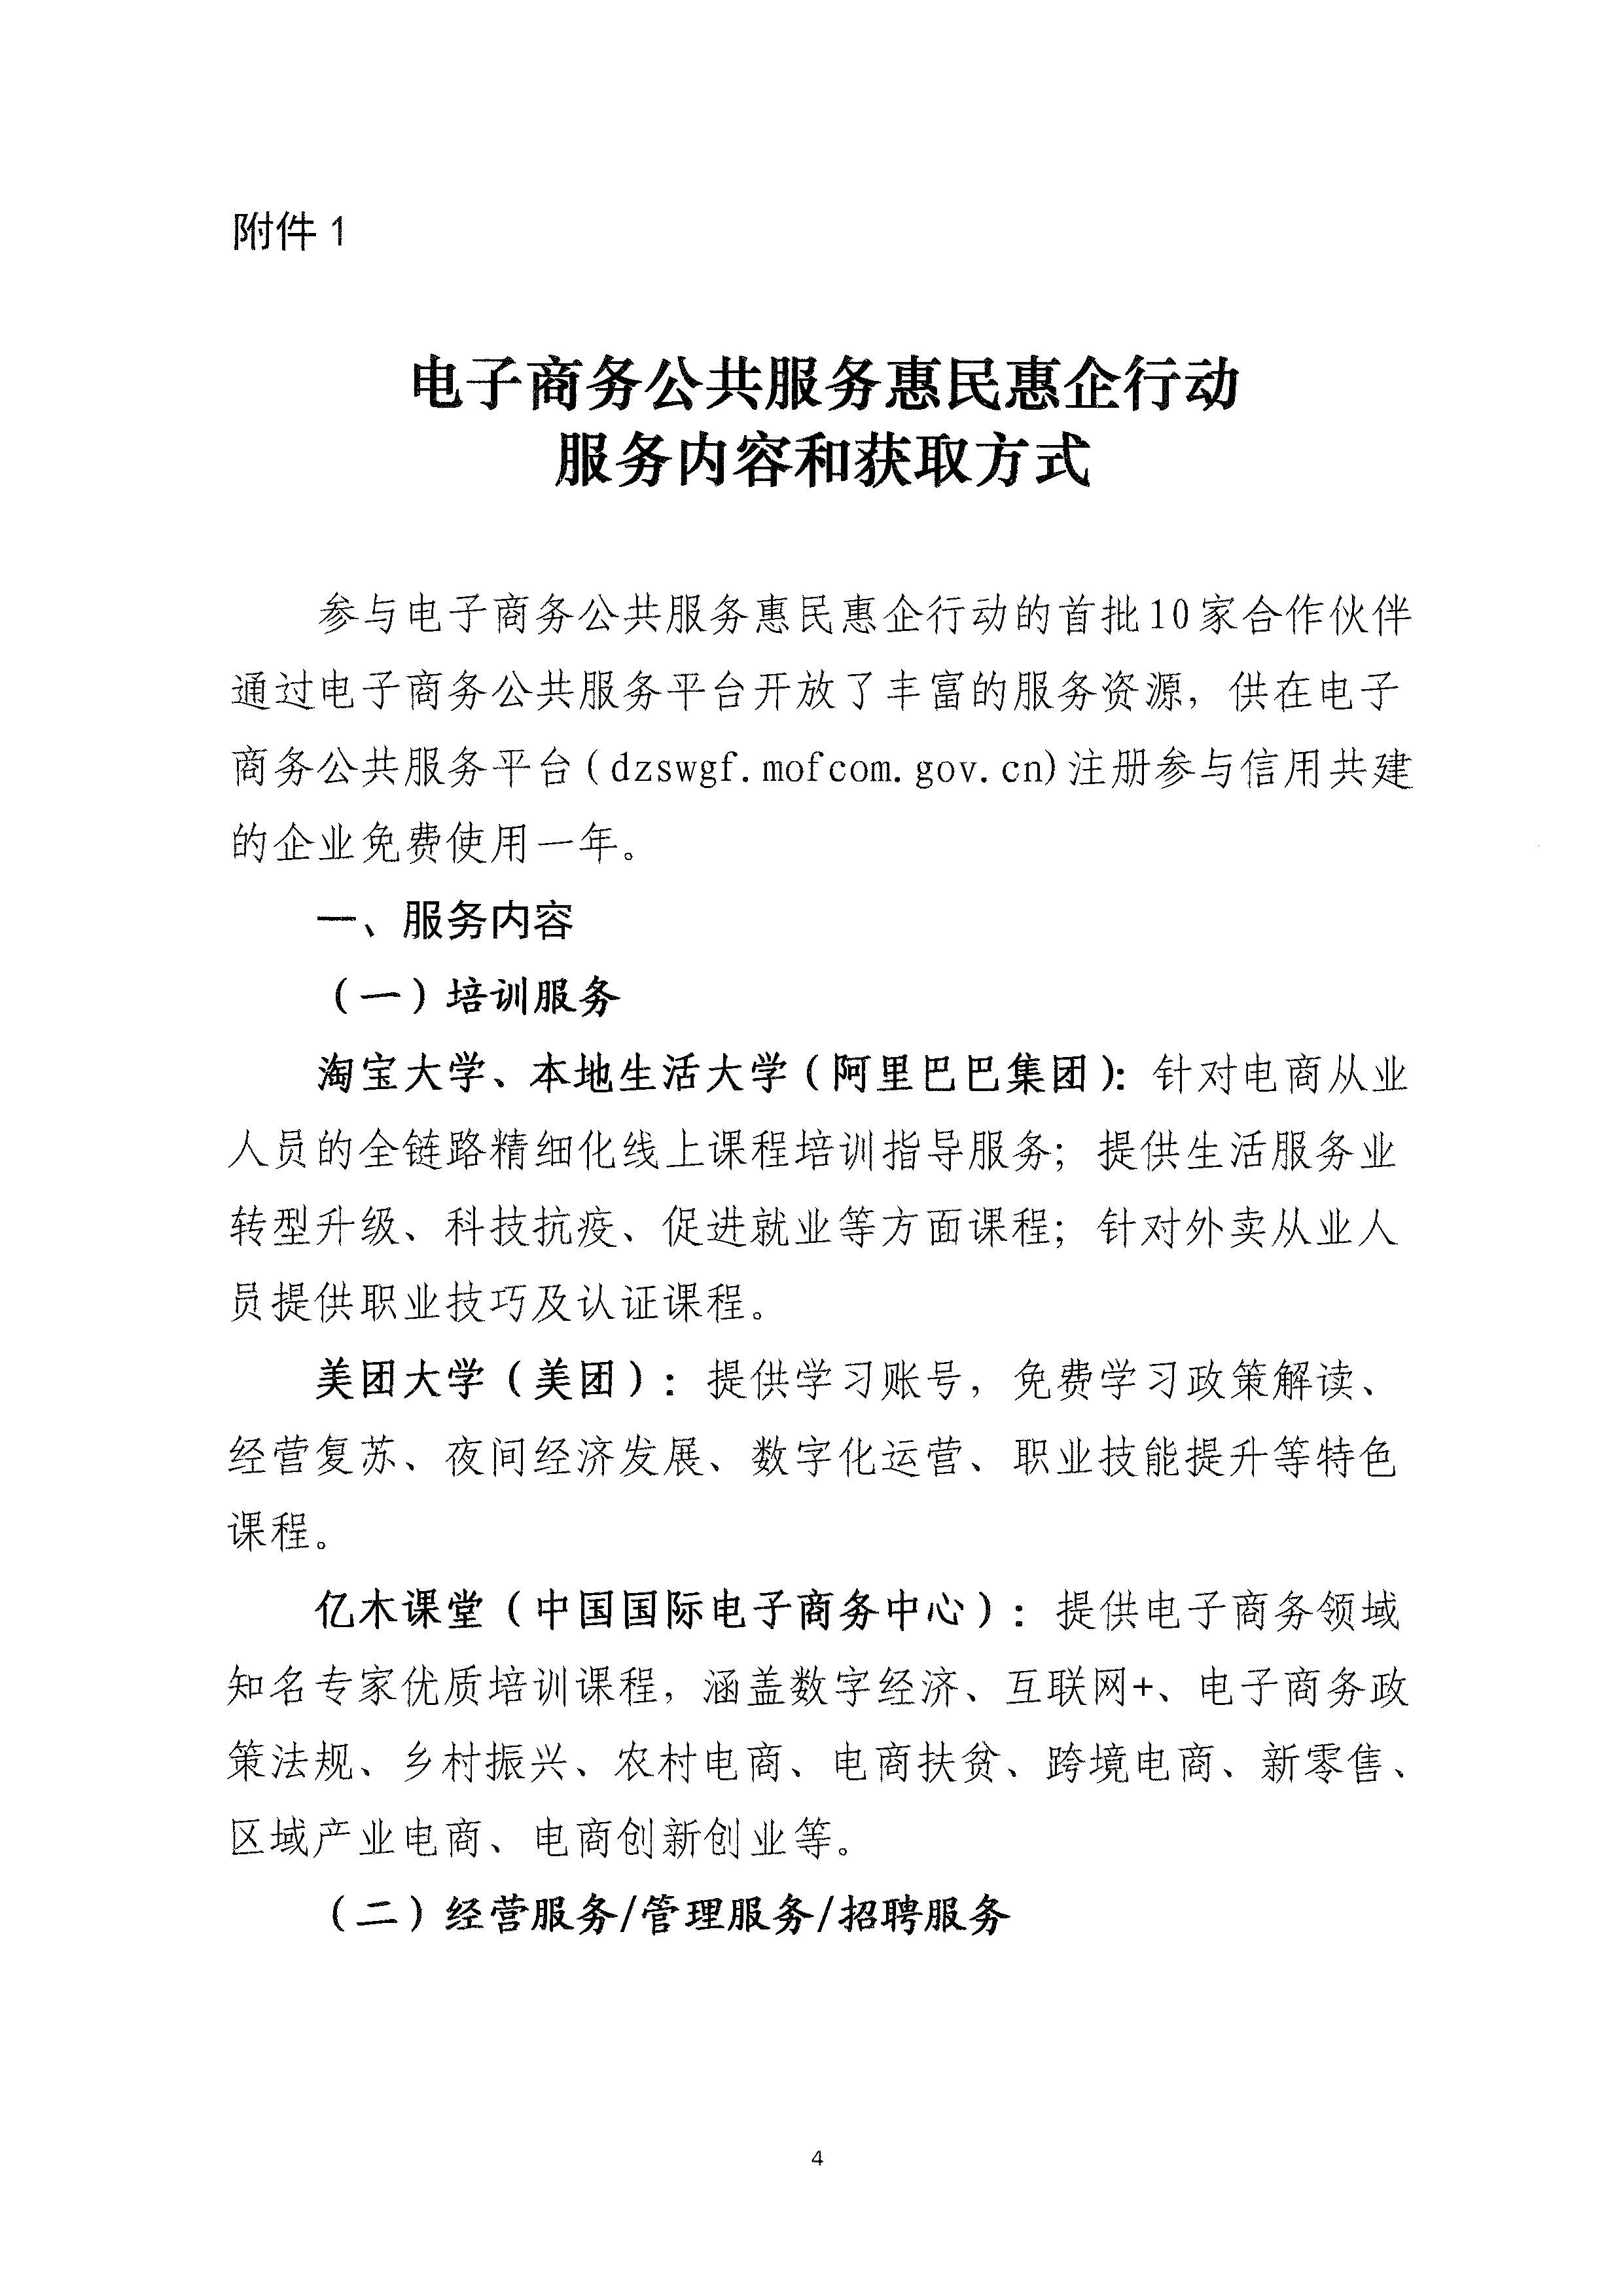 省商务厅关于开展电子商务公共服务惠民惠企行动的通知-4.jpg